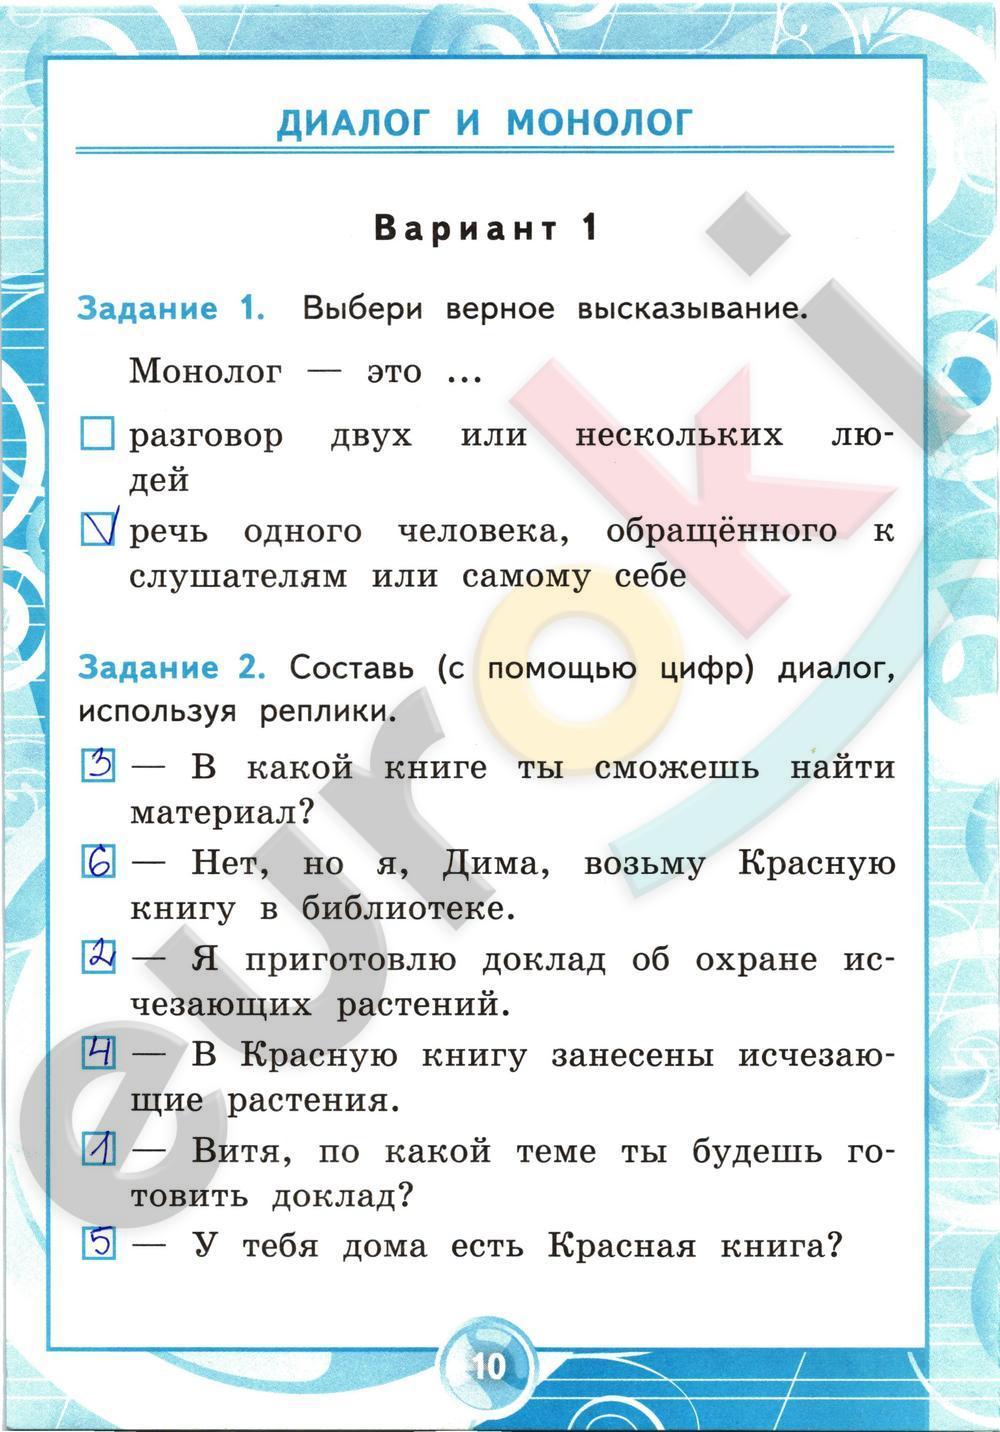 контрольные по работы языку 2 гдз на класс русскому